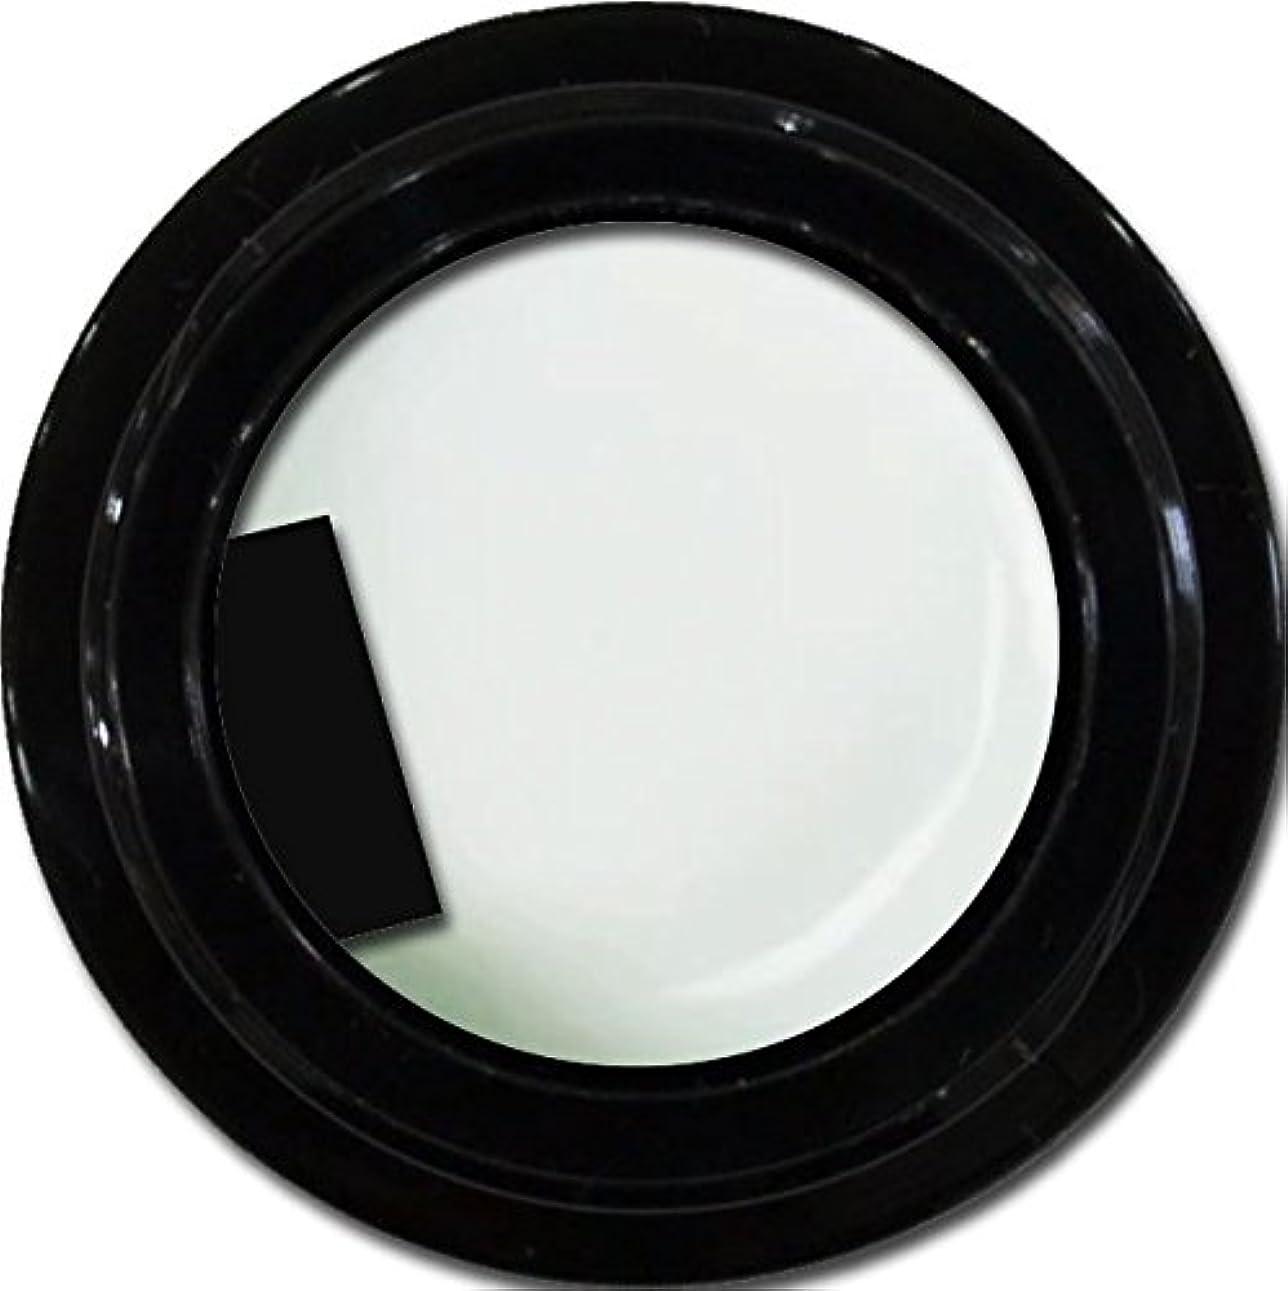 不器用サンダー鮮やかなカラージェル enchant gel color gel S001 sheer White 3g/ エンチャントジェル カラージェル S001シアーホワイト 3グラム